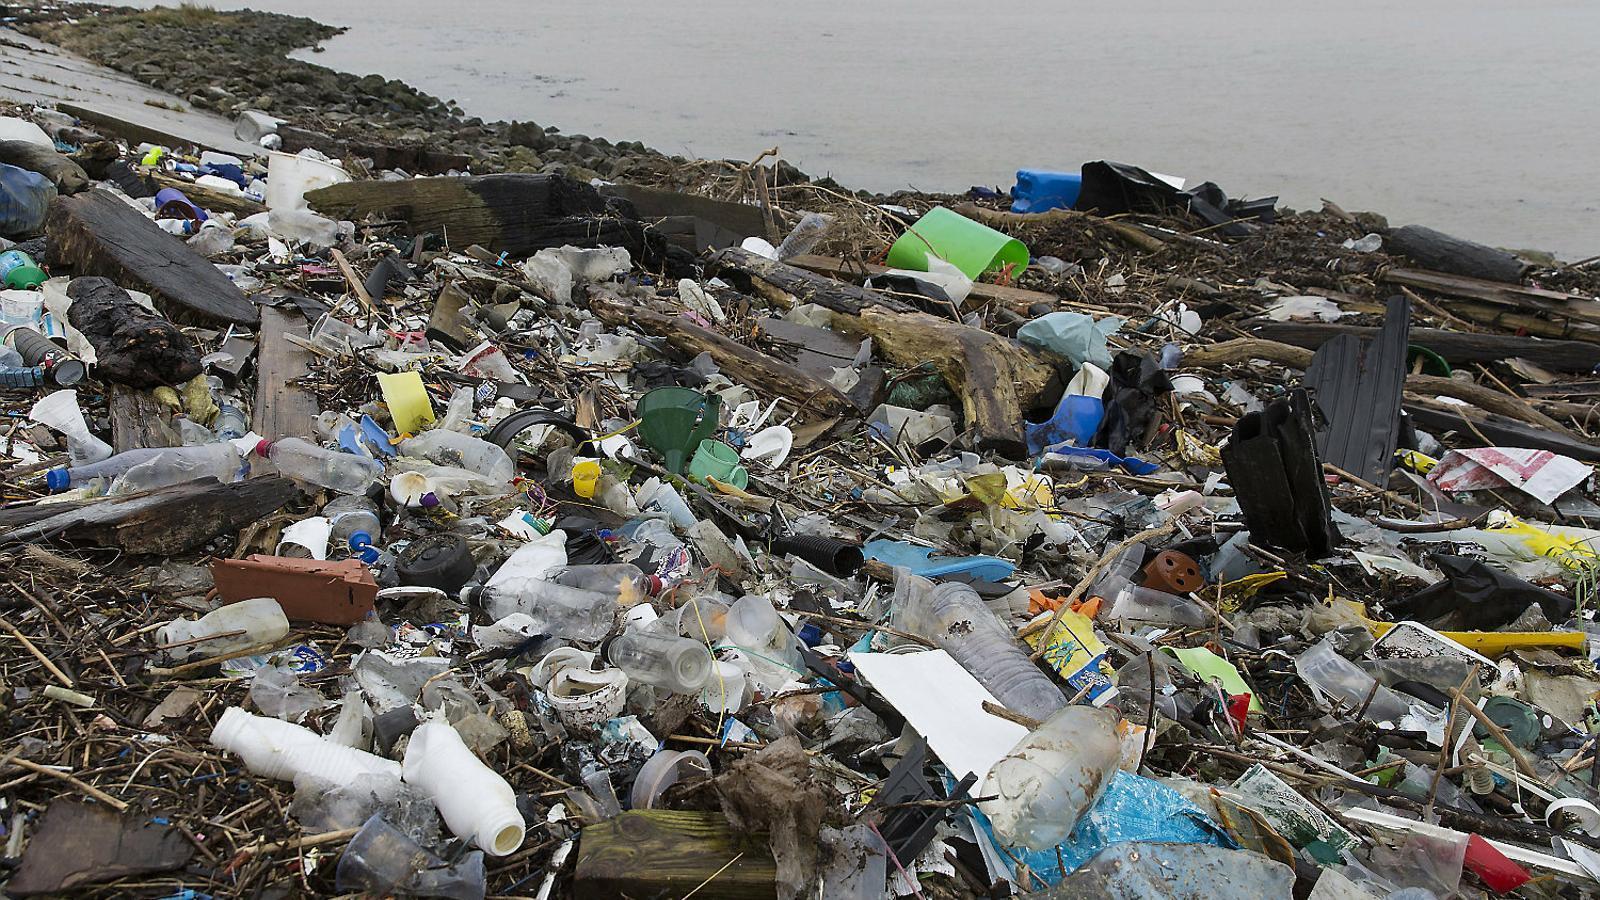 Tones de plàstics a l'estuari del riu Tàmesi (Regne Unit).